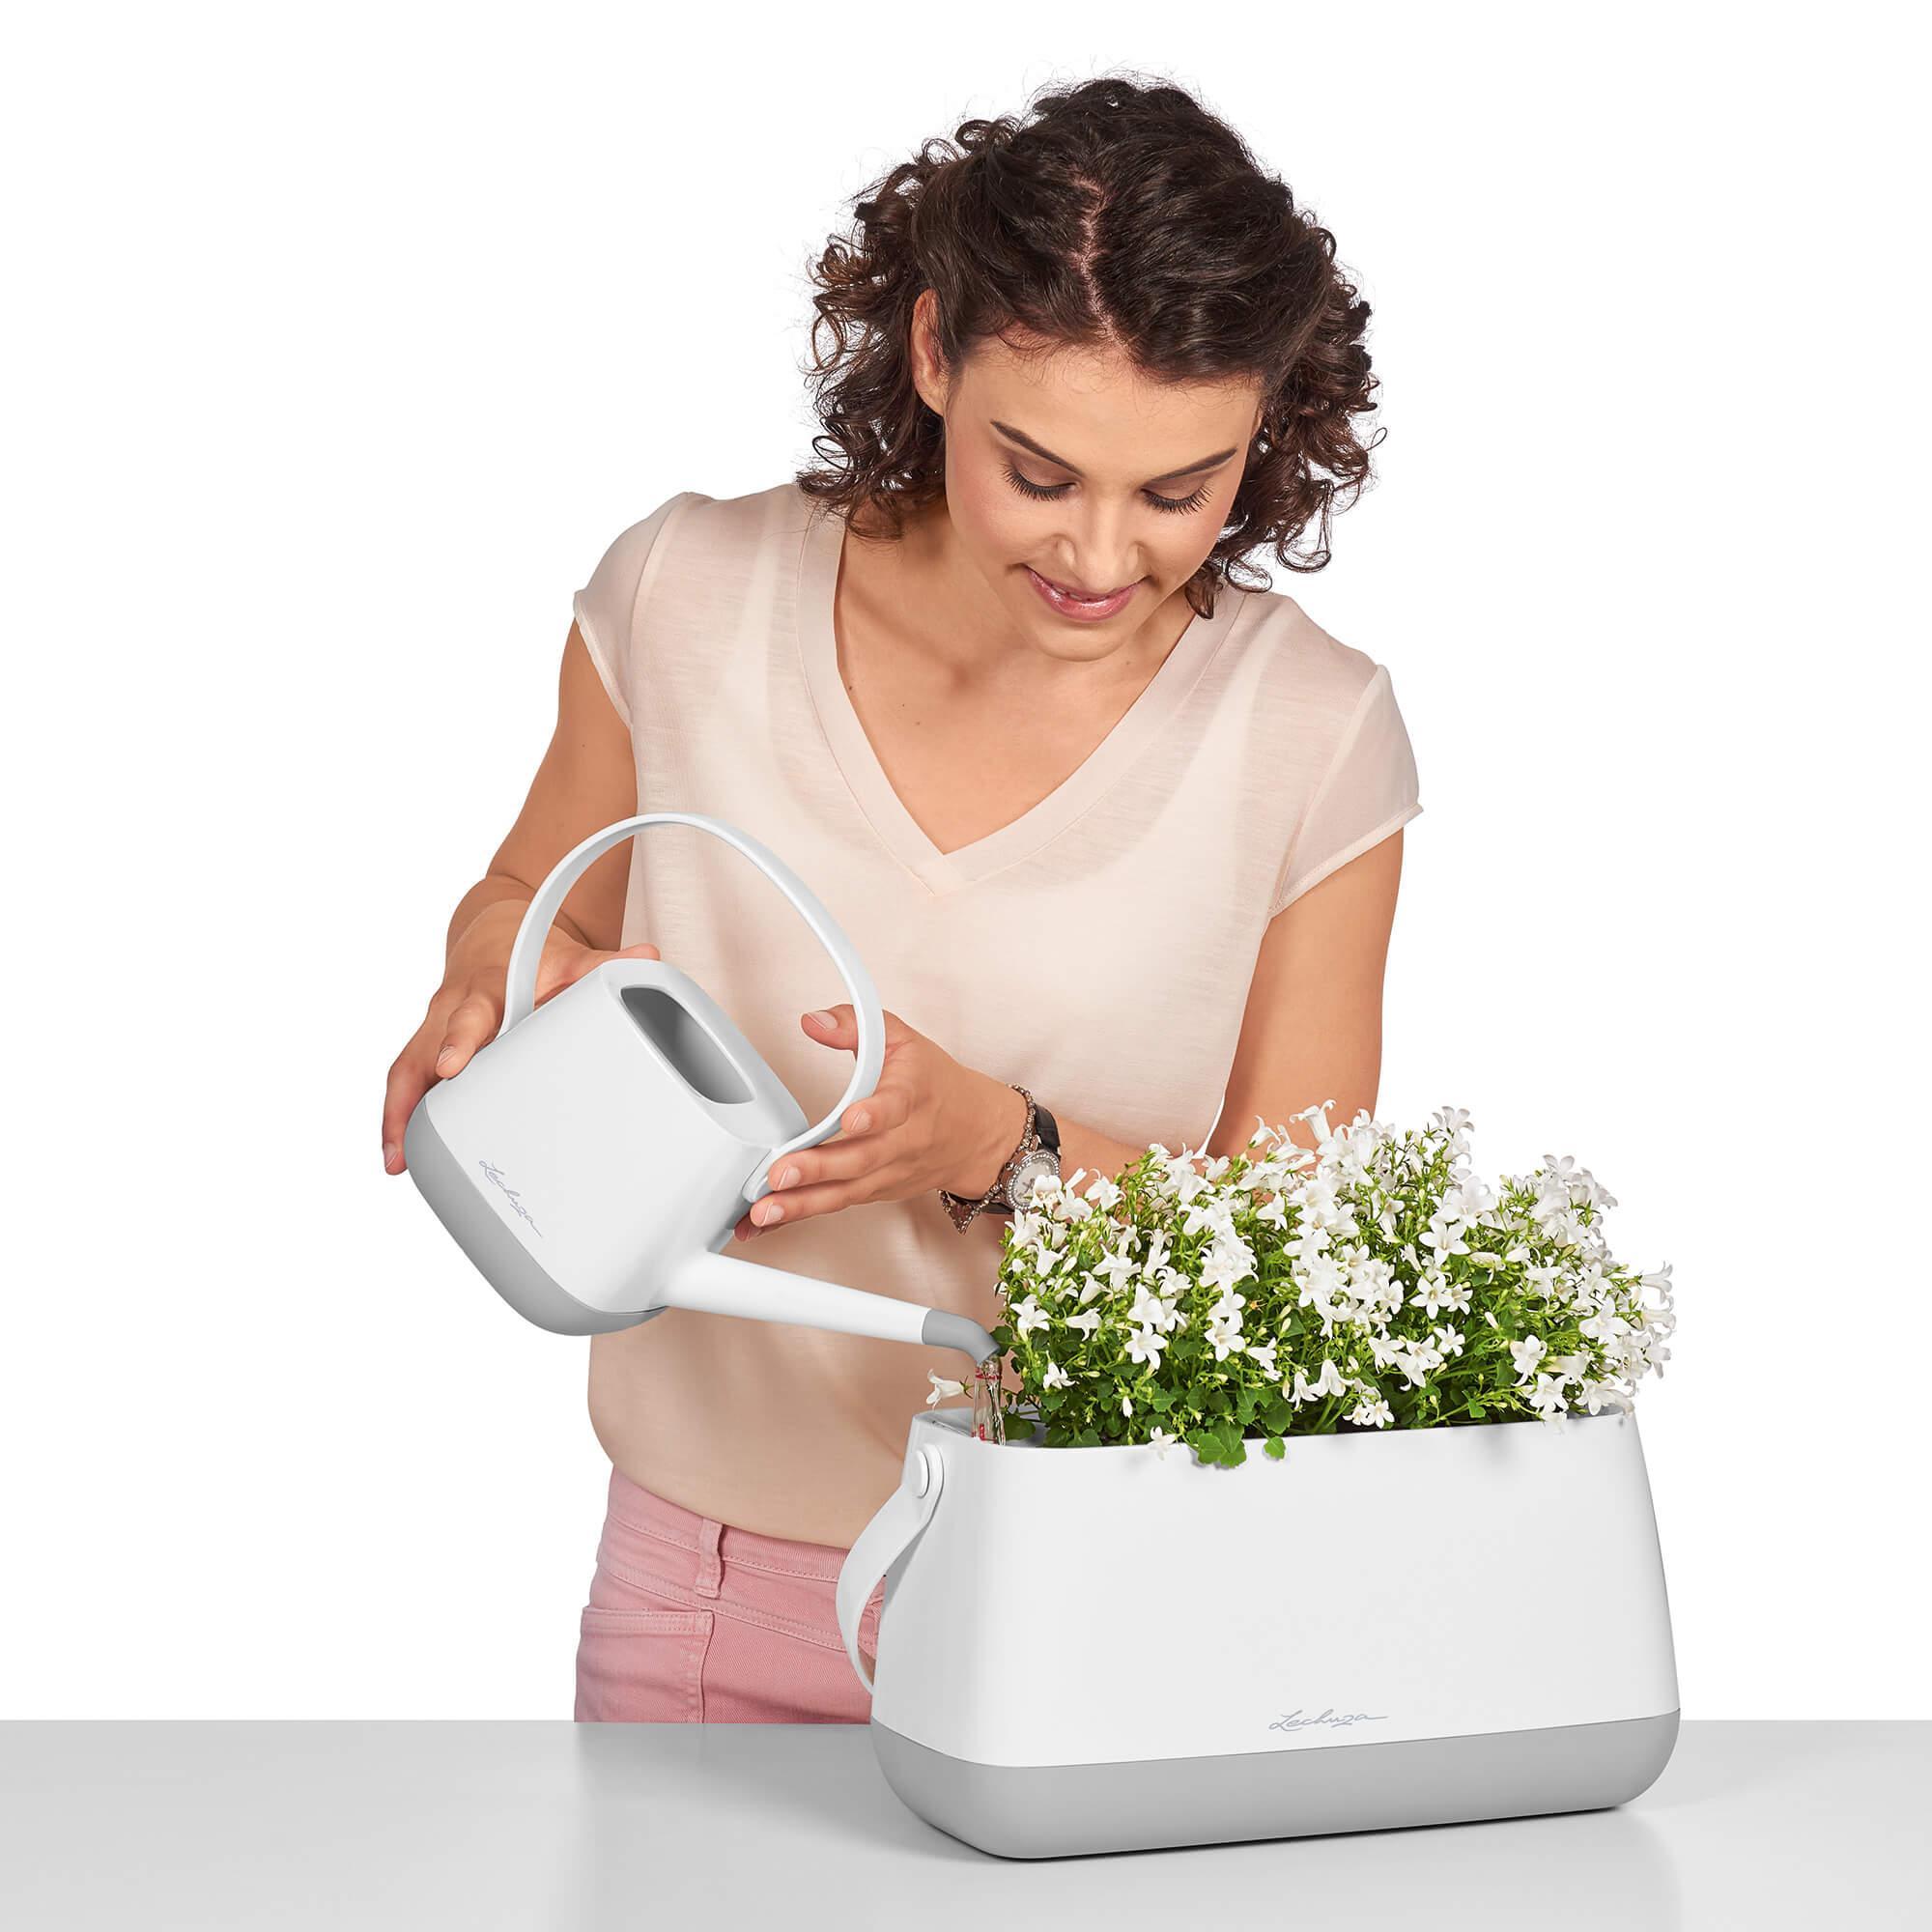 Корзинка для растений YULA белый/серый - изображение 11